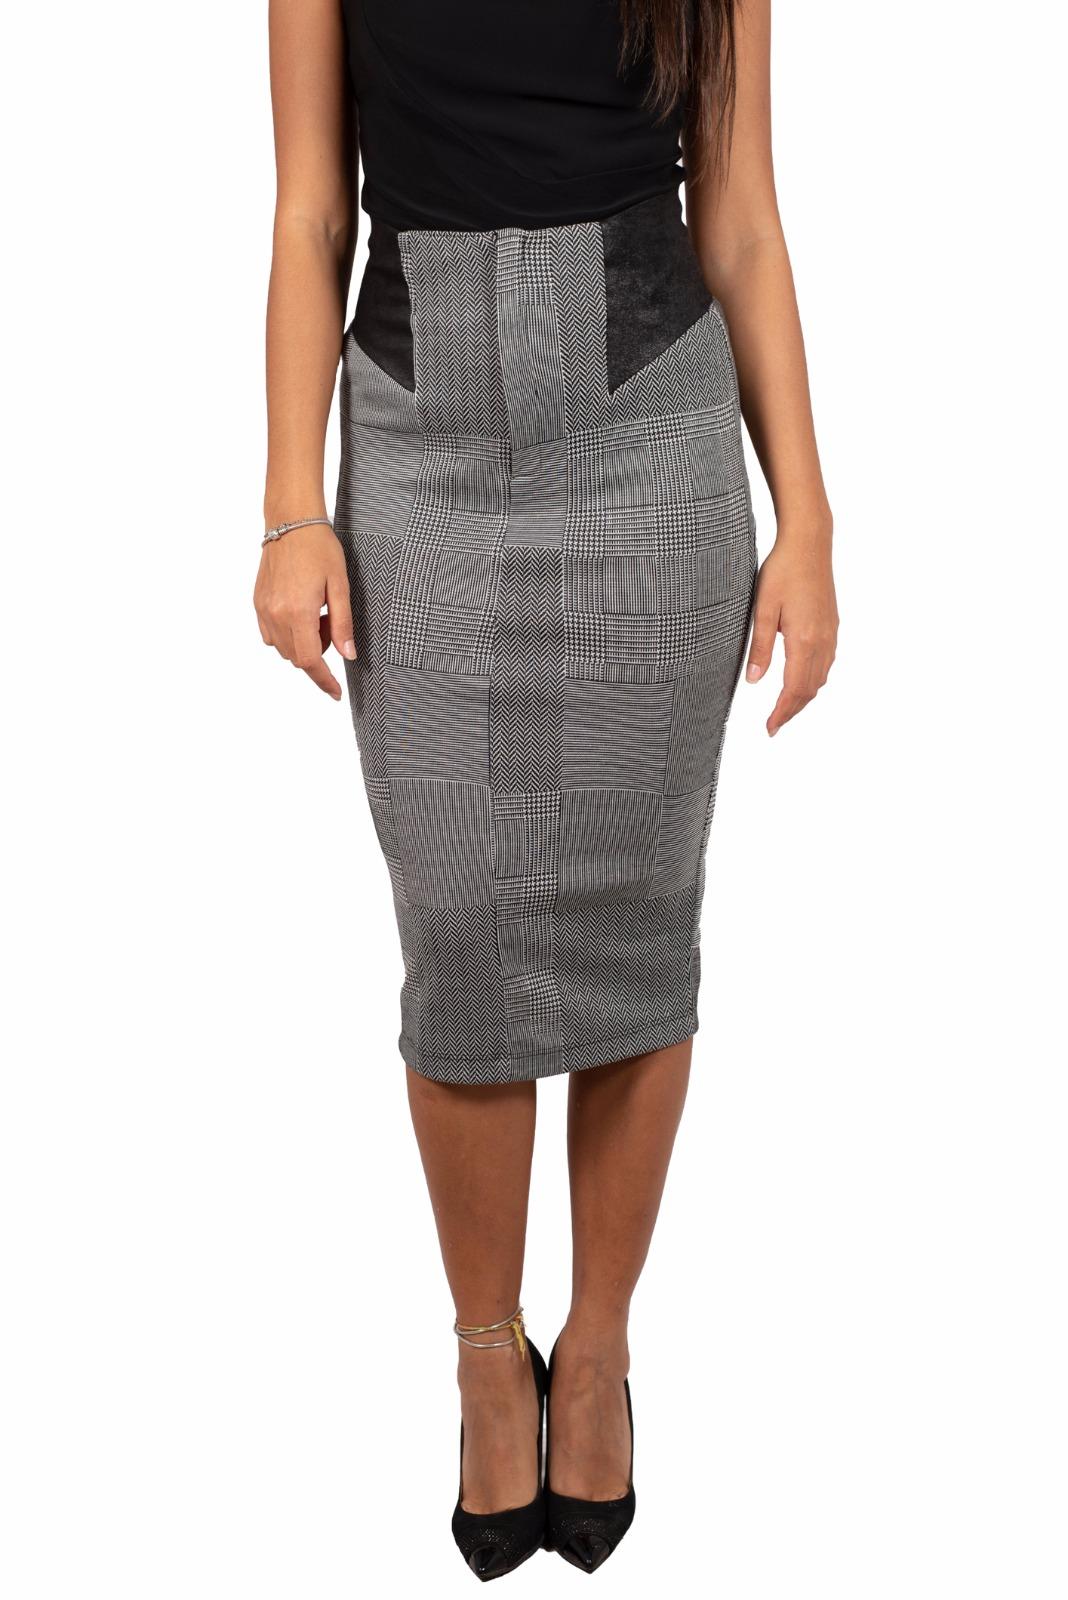 new style 2986a 8c647 Abbigliamento online   Di Giuseppe Store